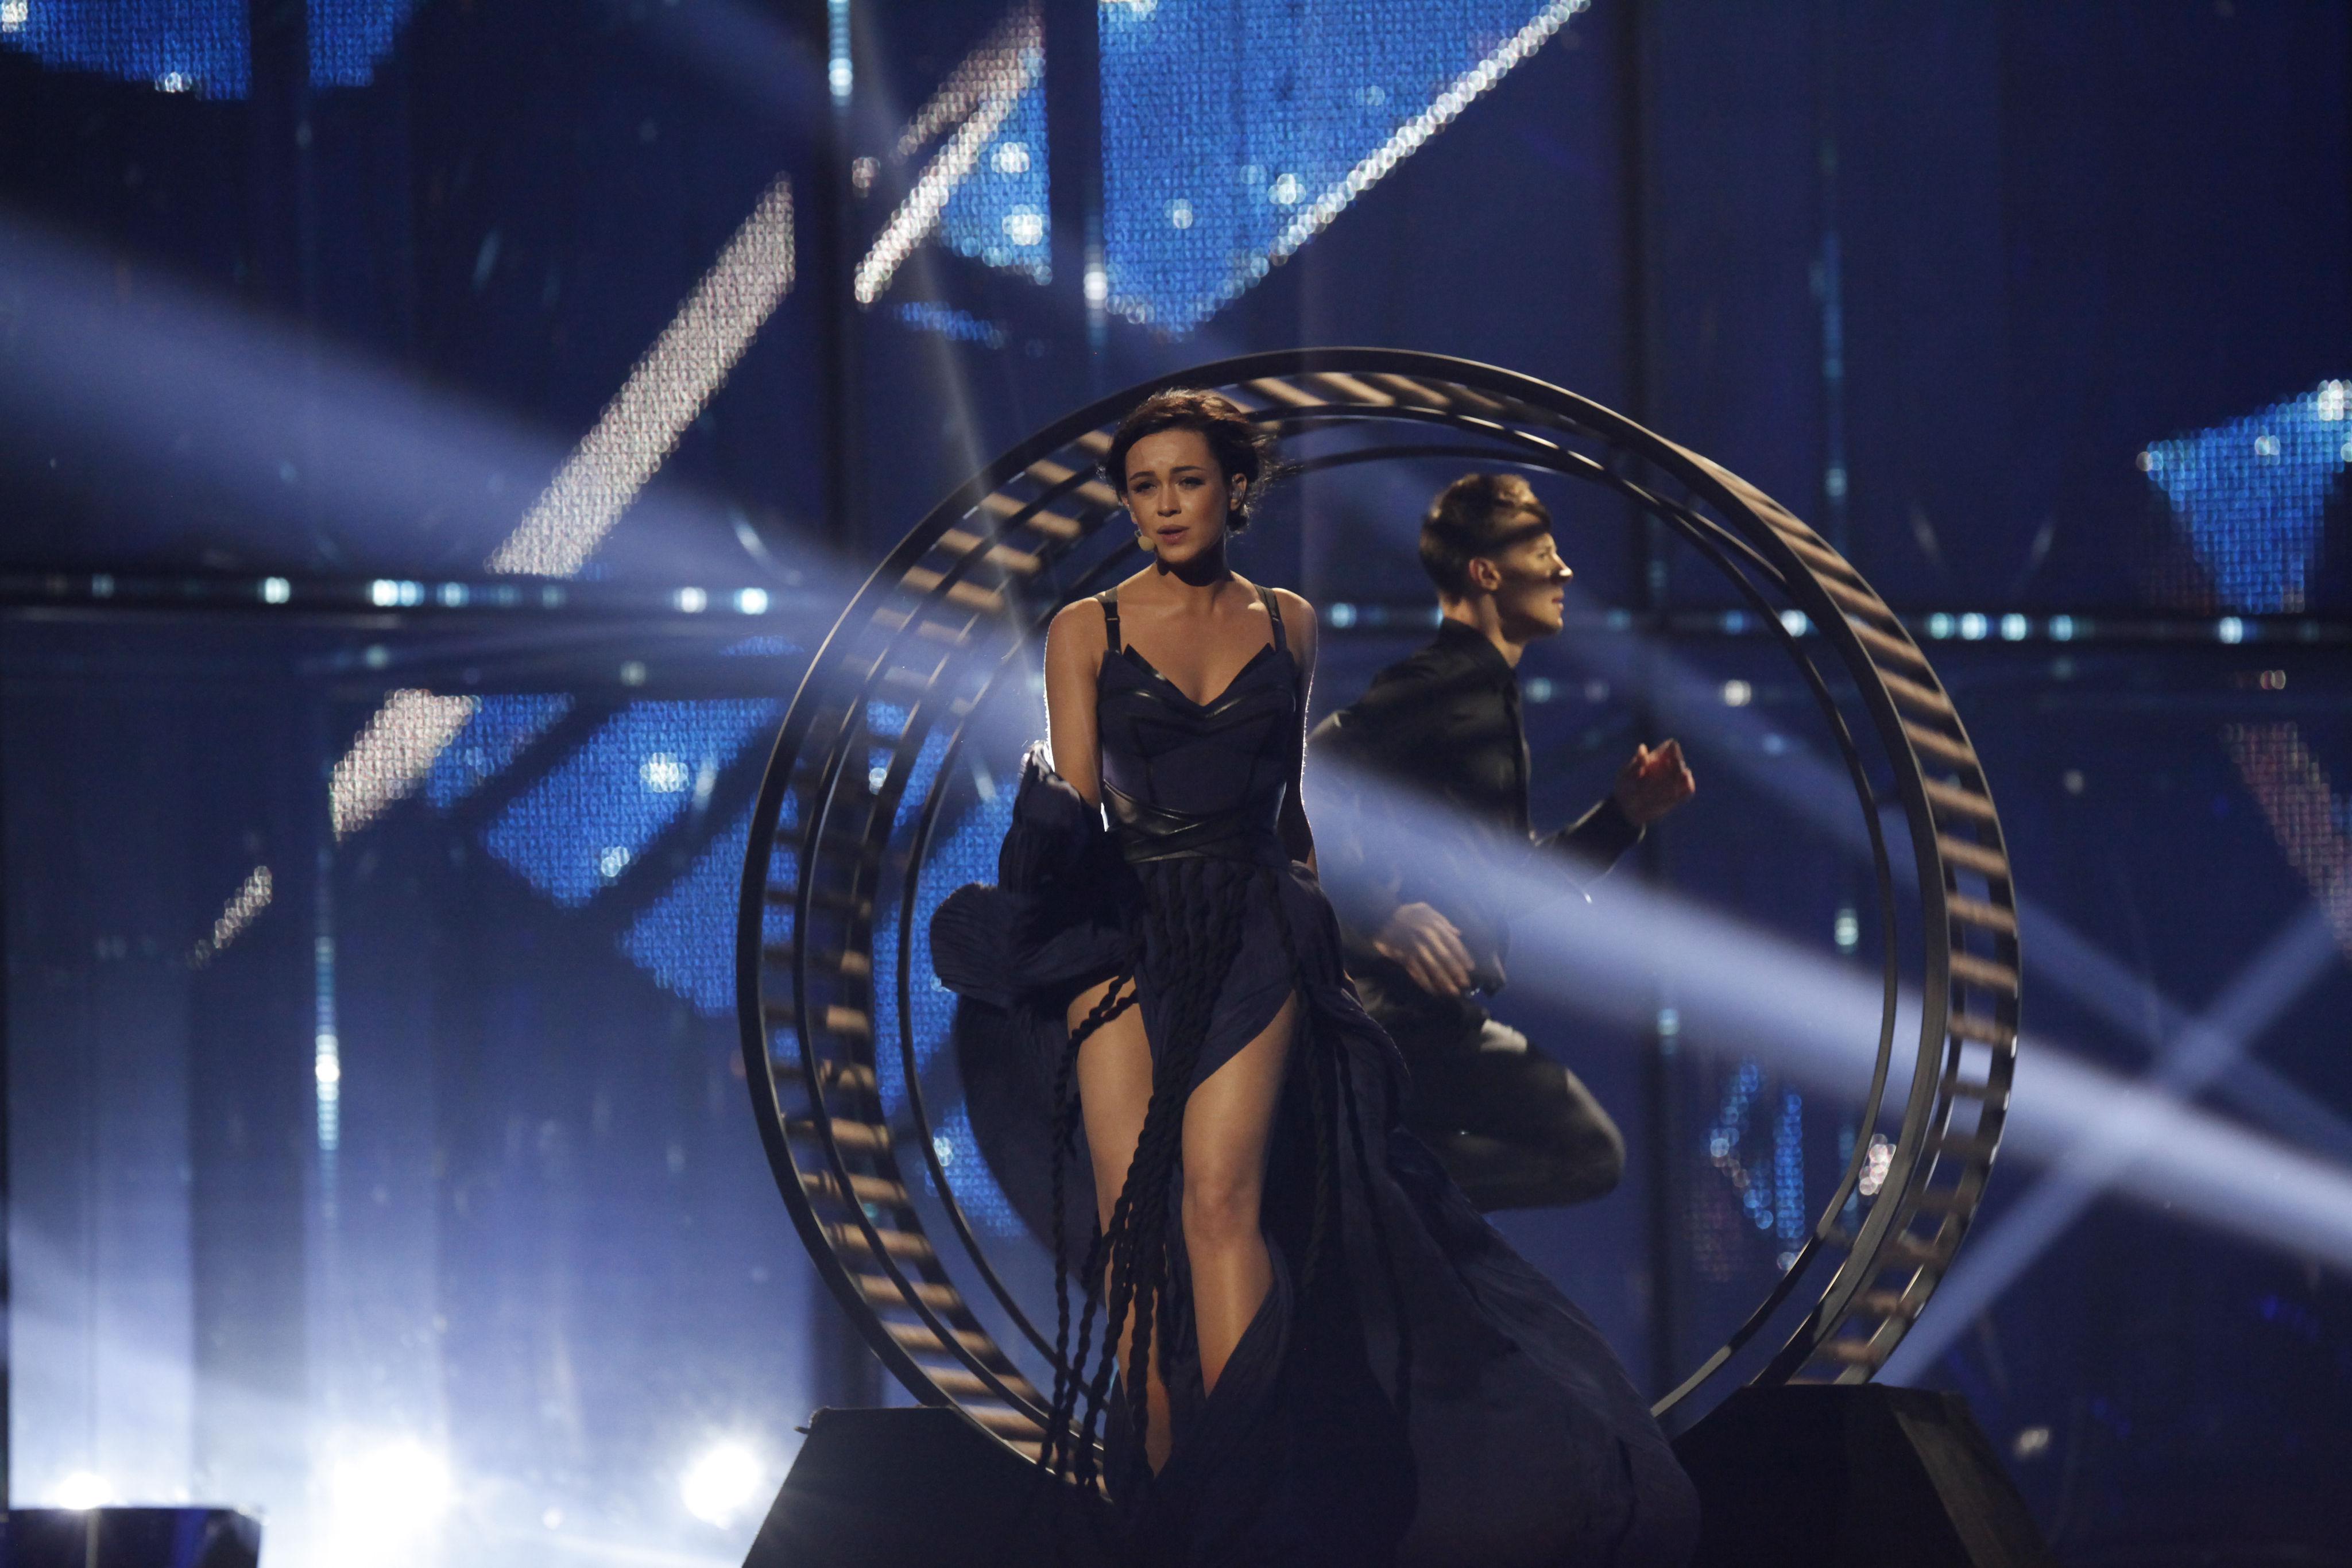 ¿A qué país representó la cantante de la imagen?